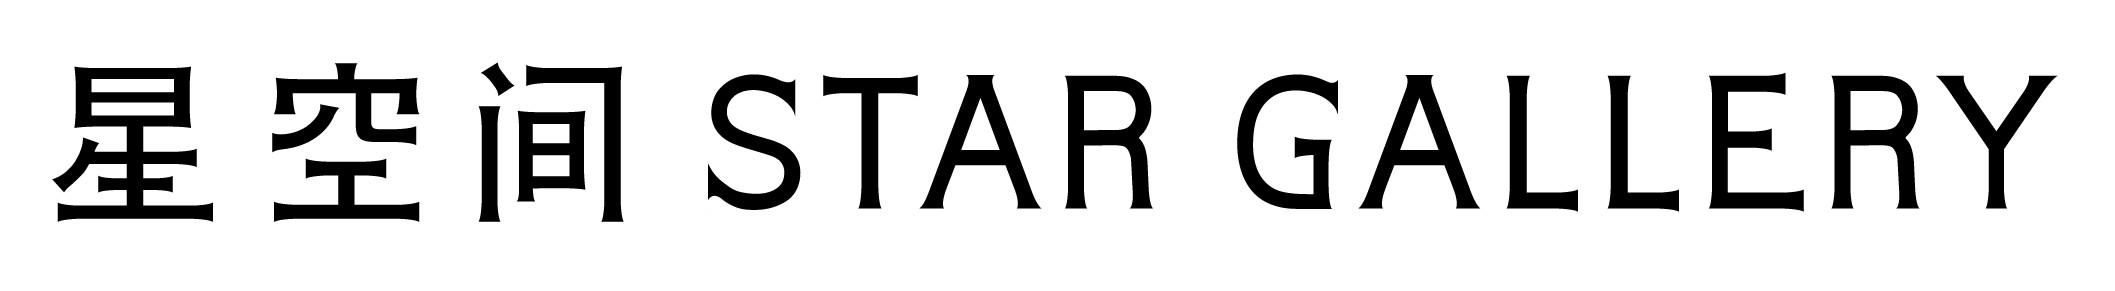 星空间|『可能的往事』将延期至2021年1月6日 往事 星空间| 展期 编号 彭杨军 孙彦初 作品 同期 良仓 APP 崇真艺客